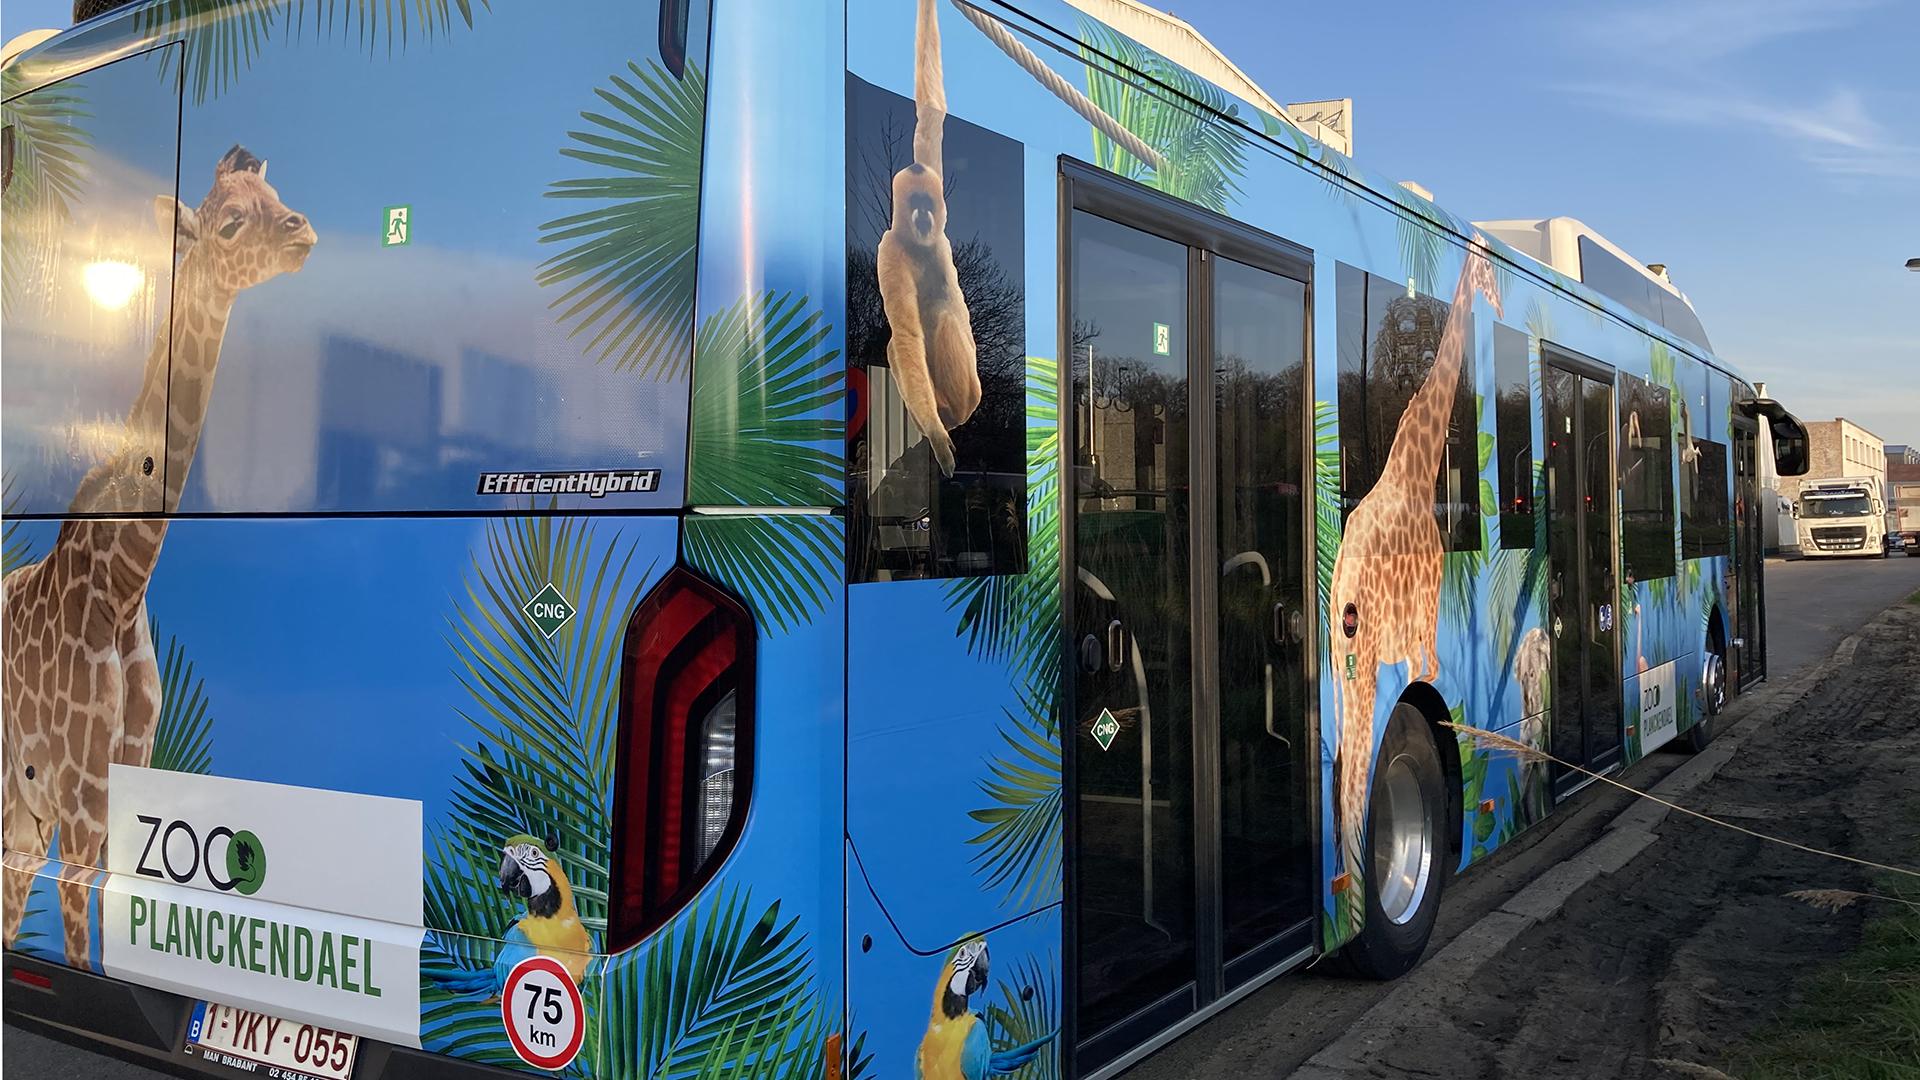 Bus bestickering